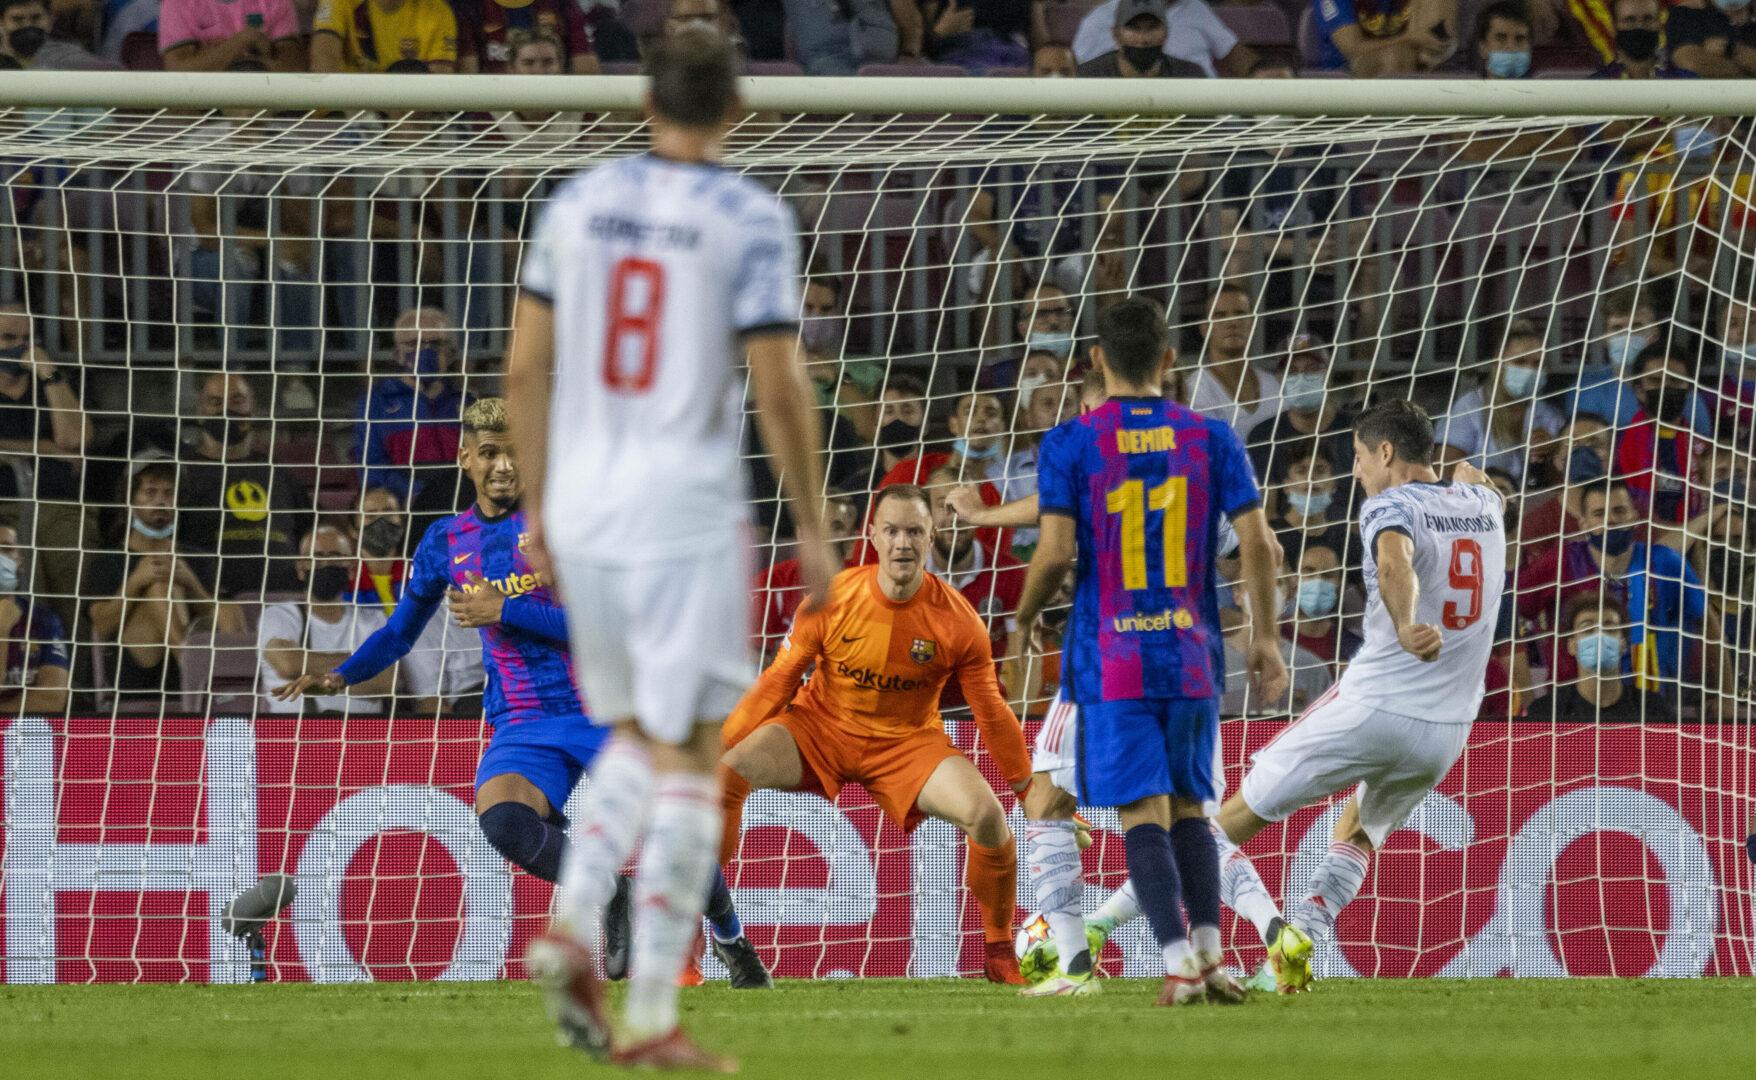 Der FC Bayern gewann 3:0 beim FC Barcelona